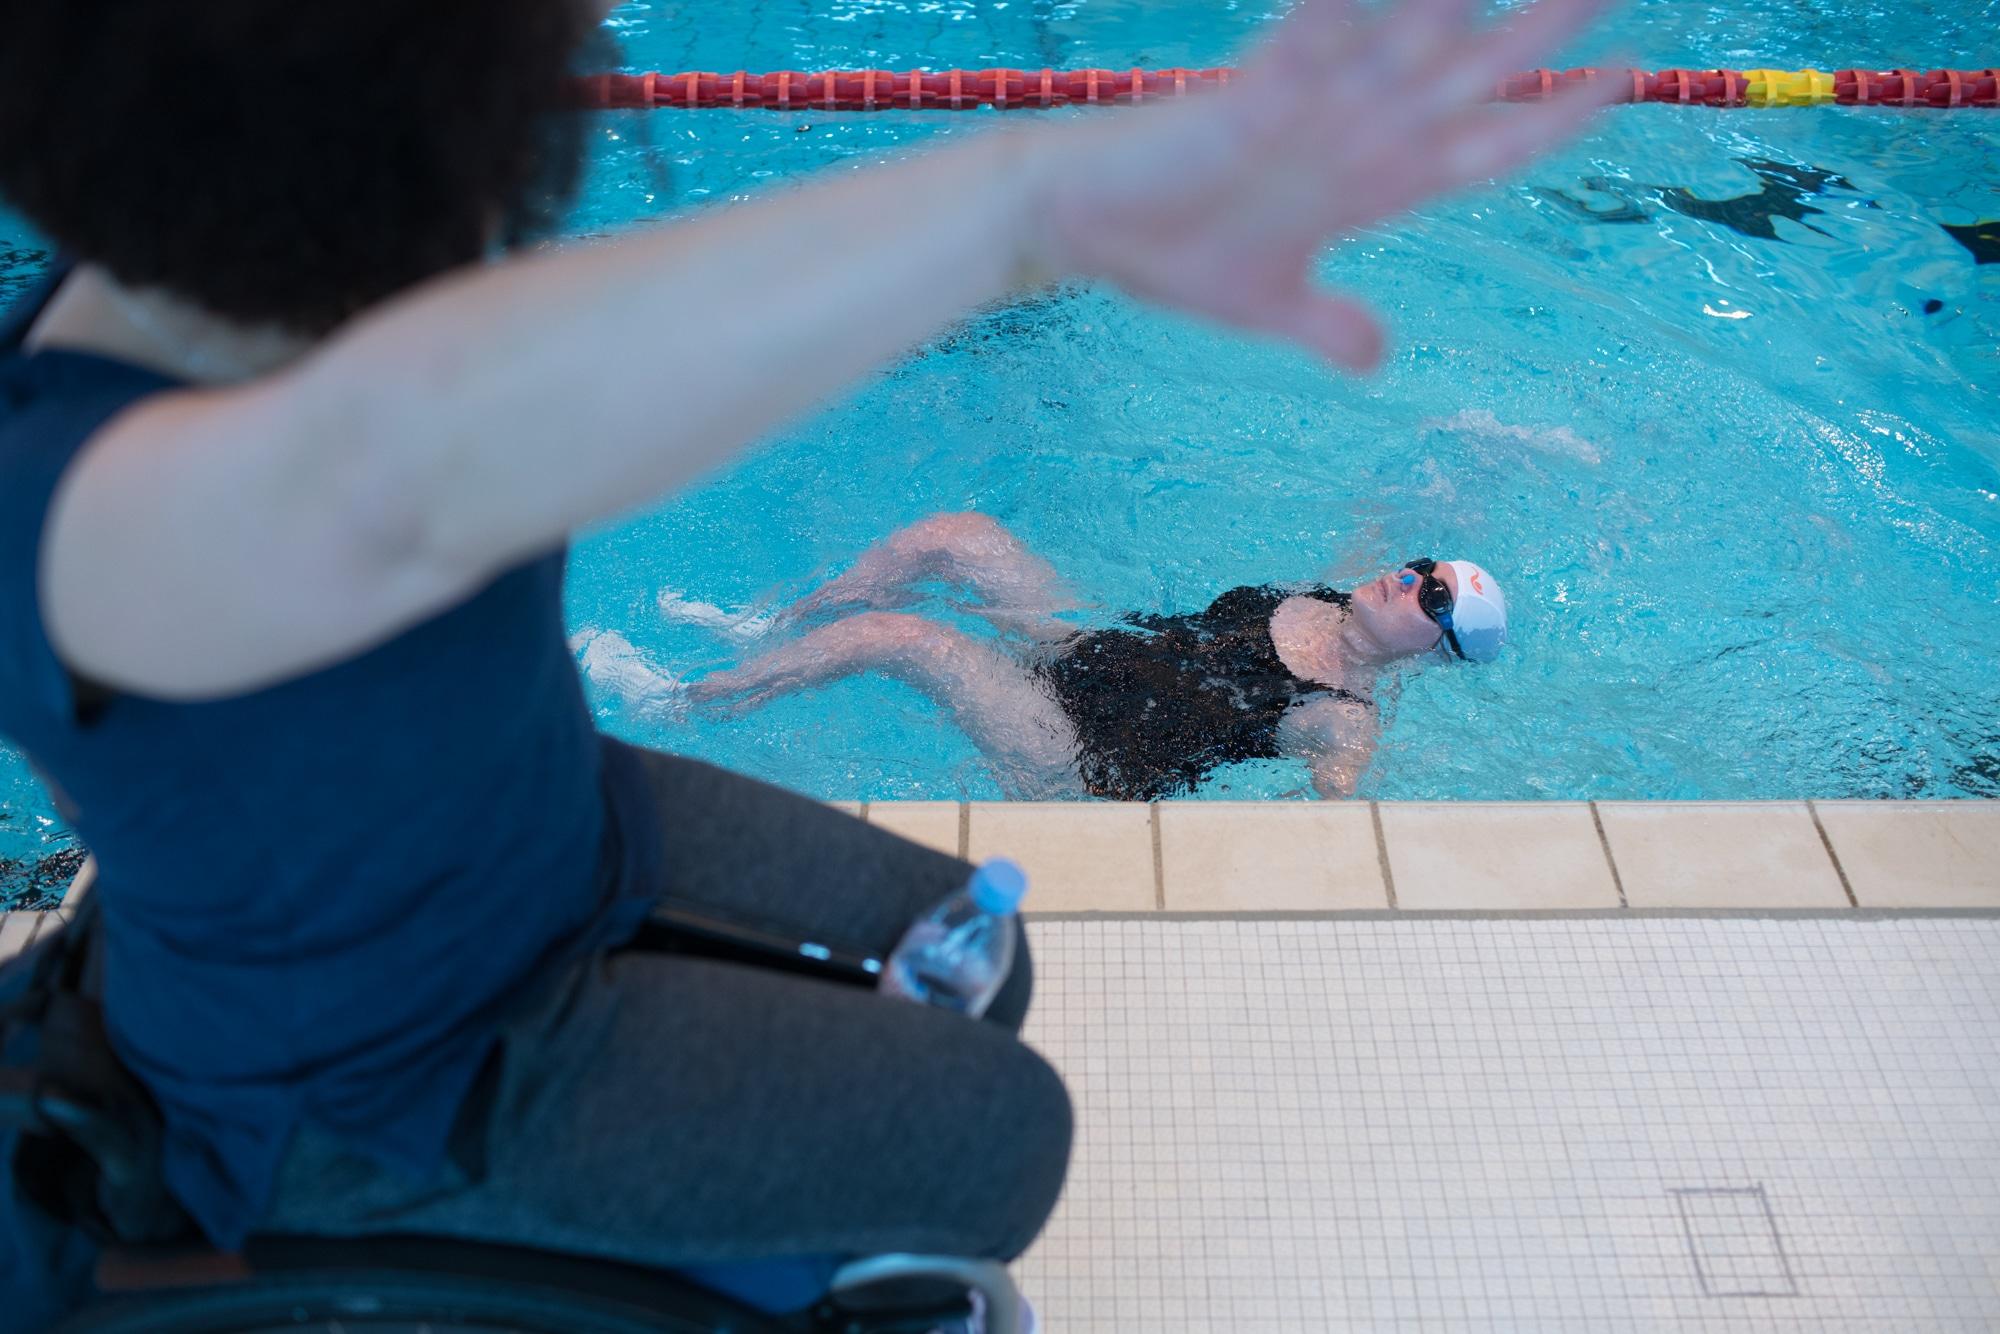 Hadda, au premier plan, montre des mouvements à son élève, immergée dans le bassin.